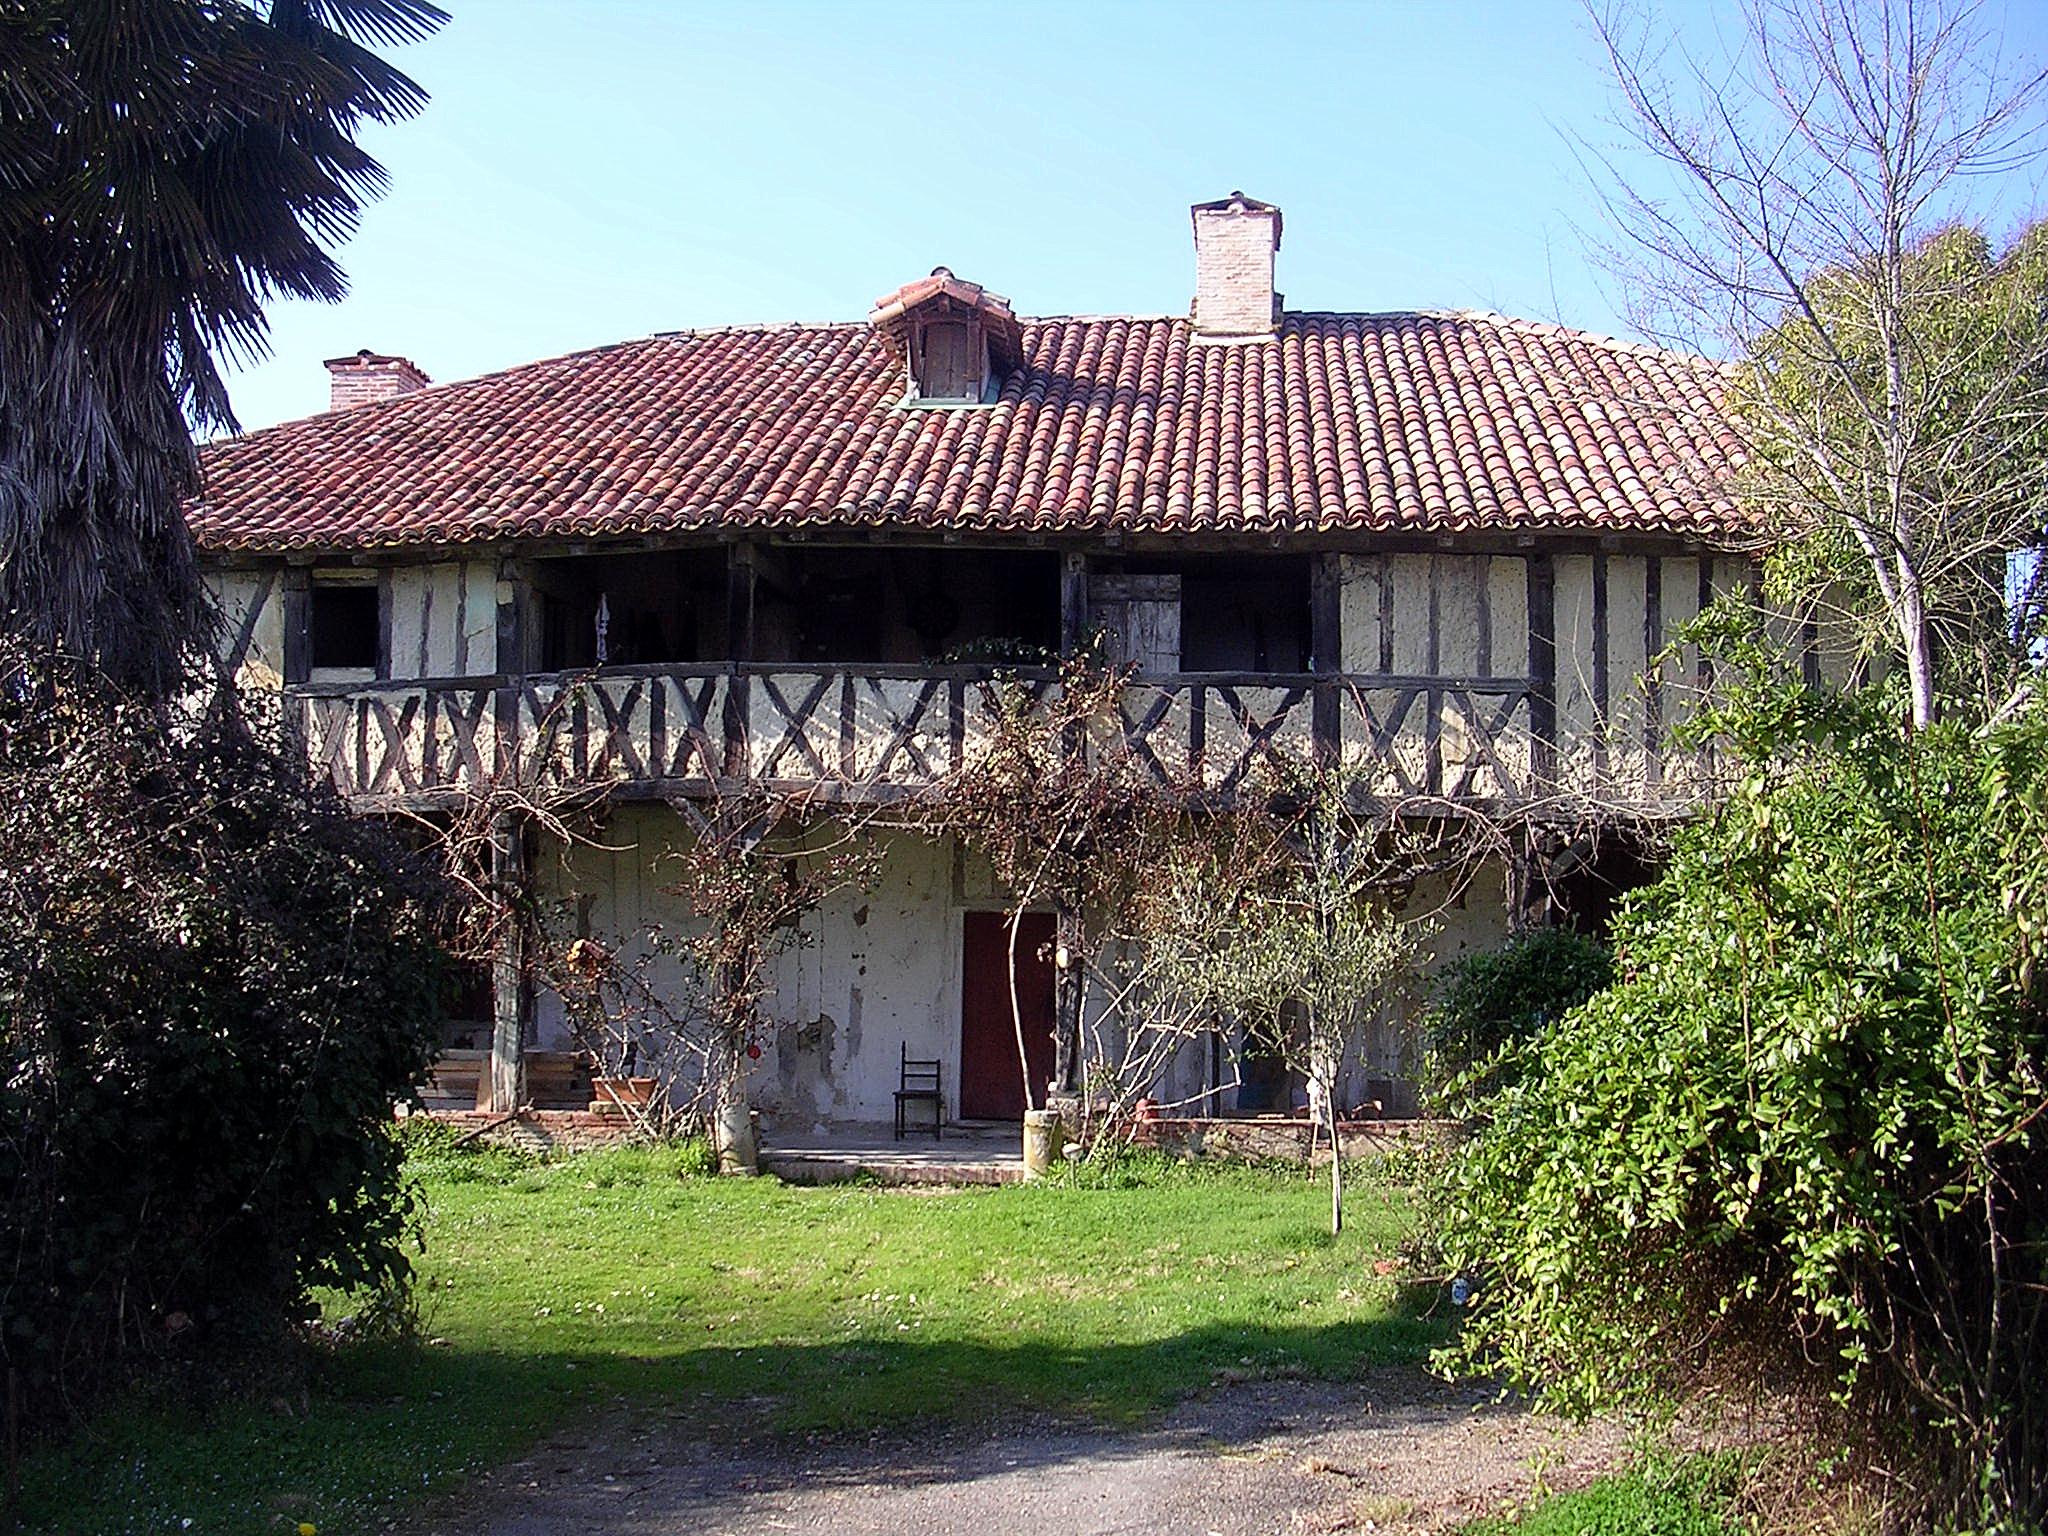 Maison De La Salle file:montégut maison la salle 1 - wikimedia commons